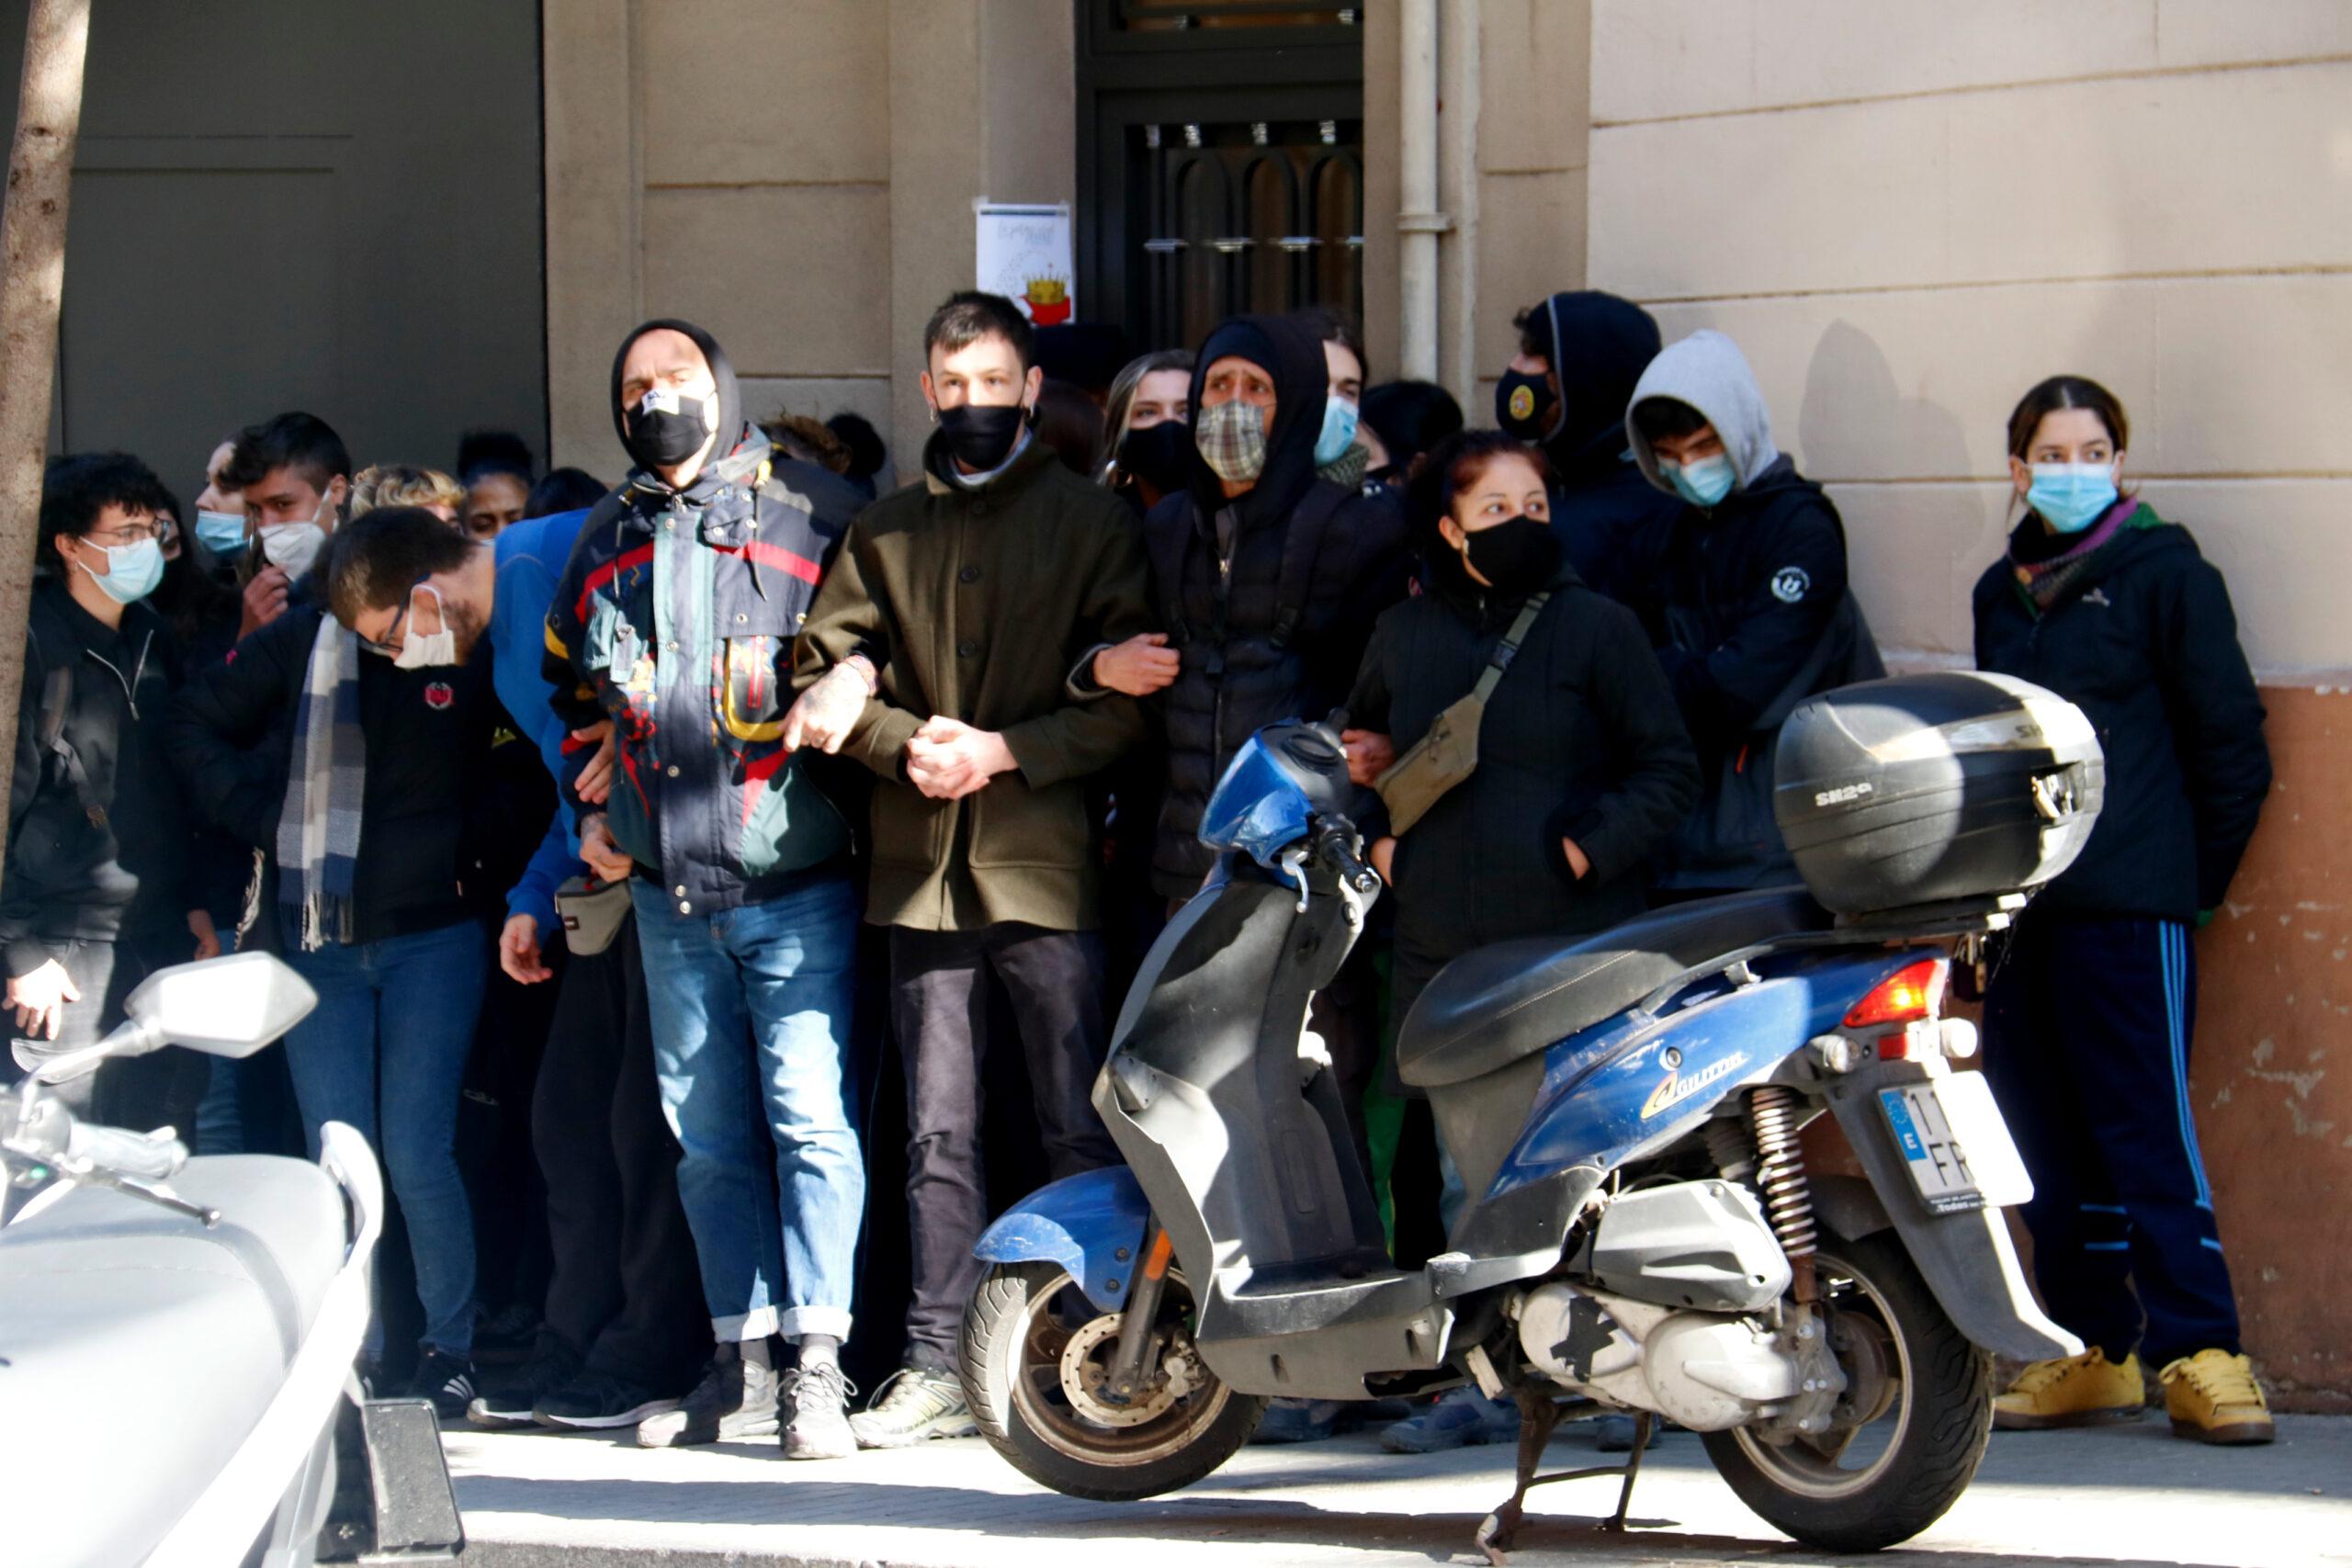 Imatge d'arxiu d'un grup de persones agafades dels braços per impedir un desnonament / ACN